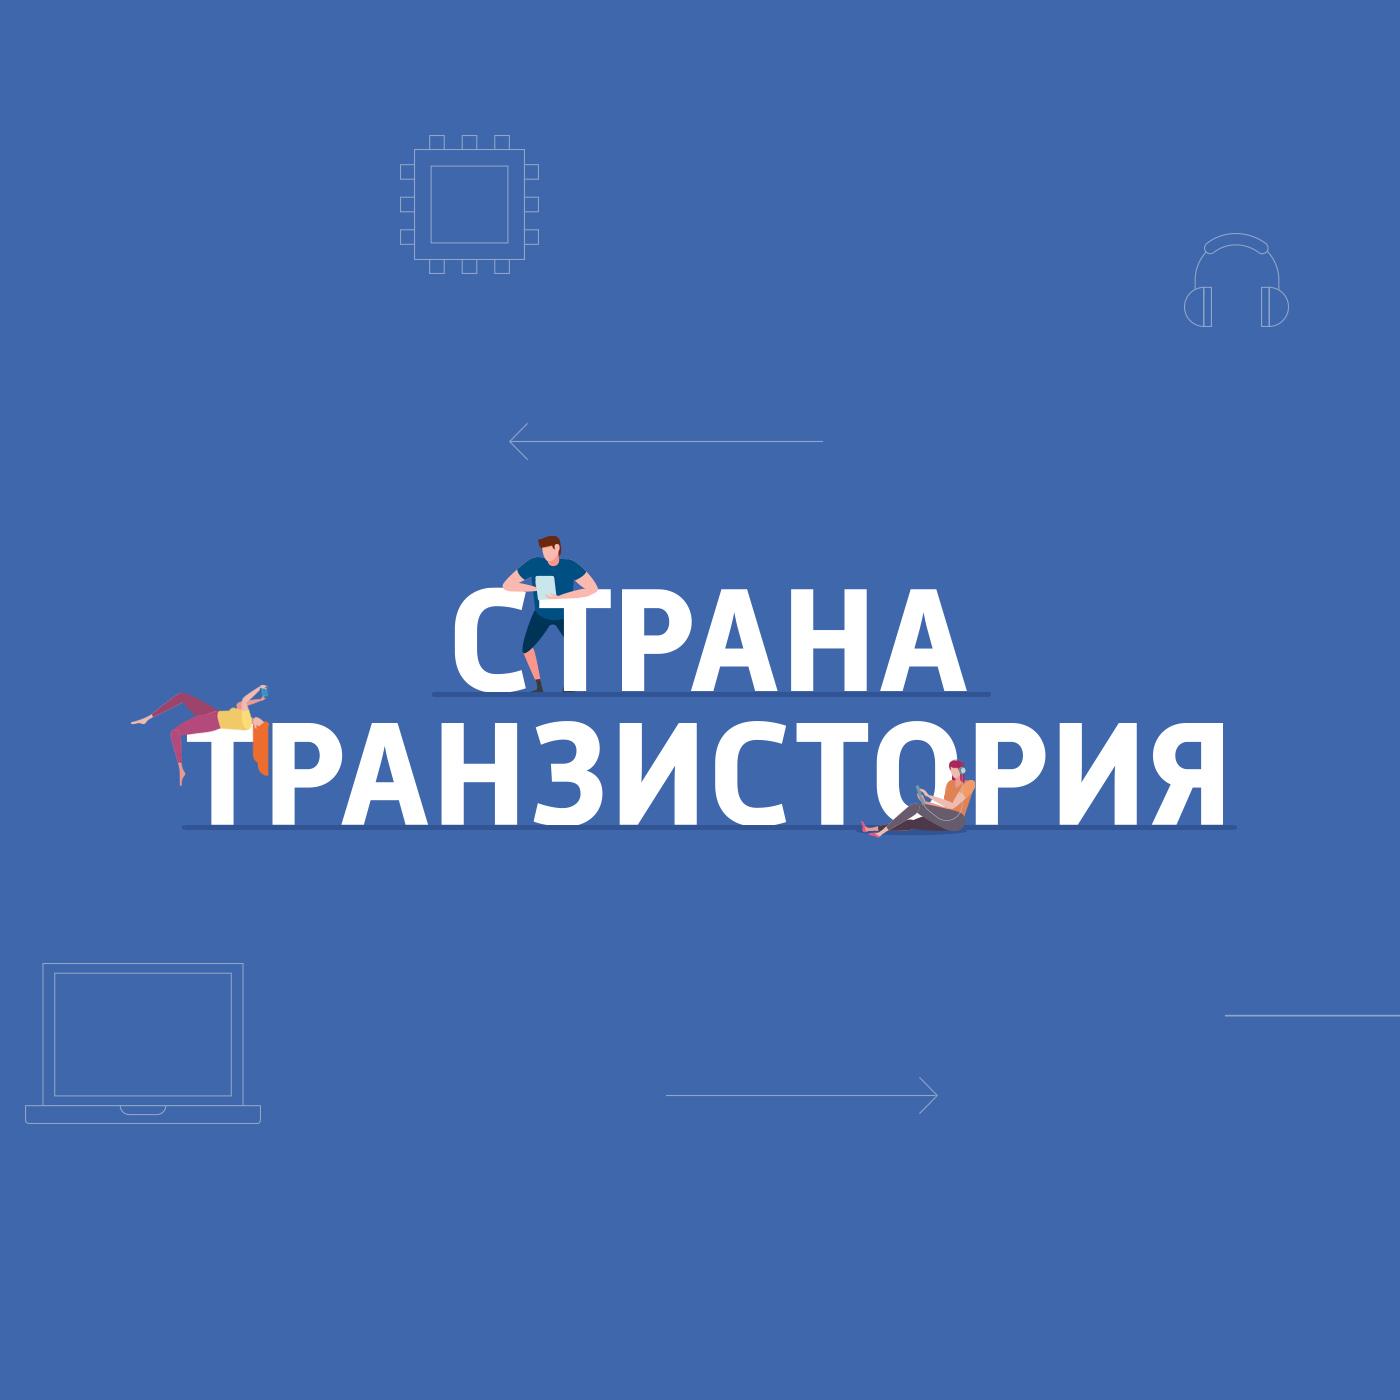 Картаев Павел Про музыкальные сервисы и на что подписаться?